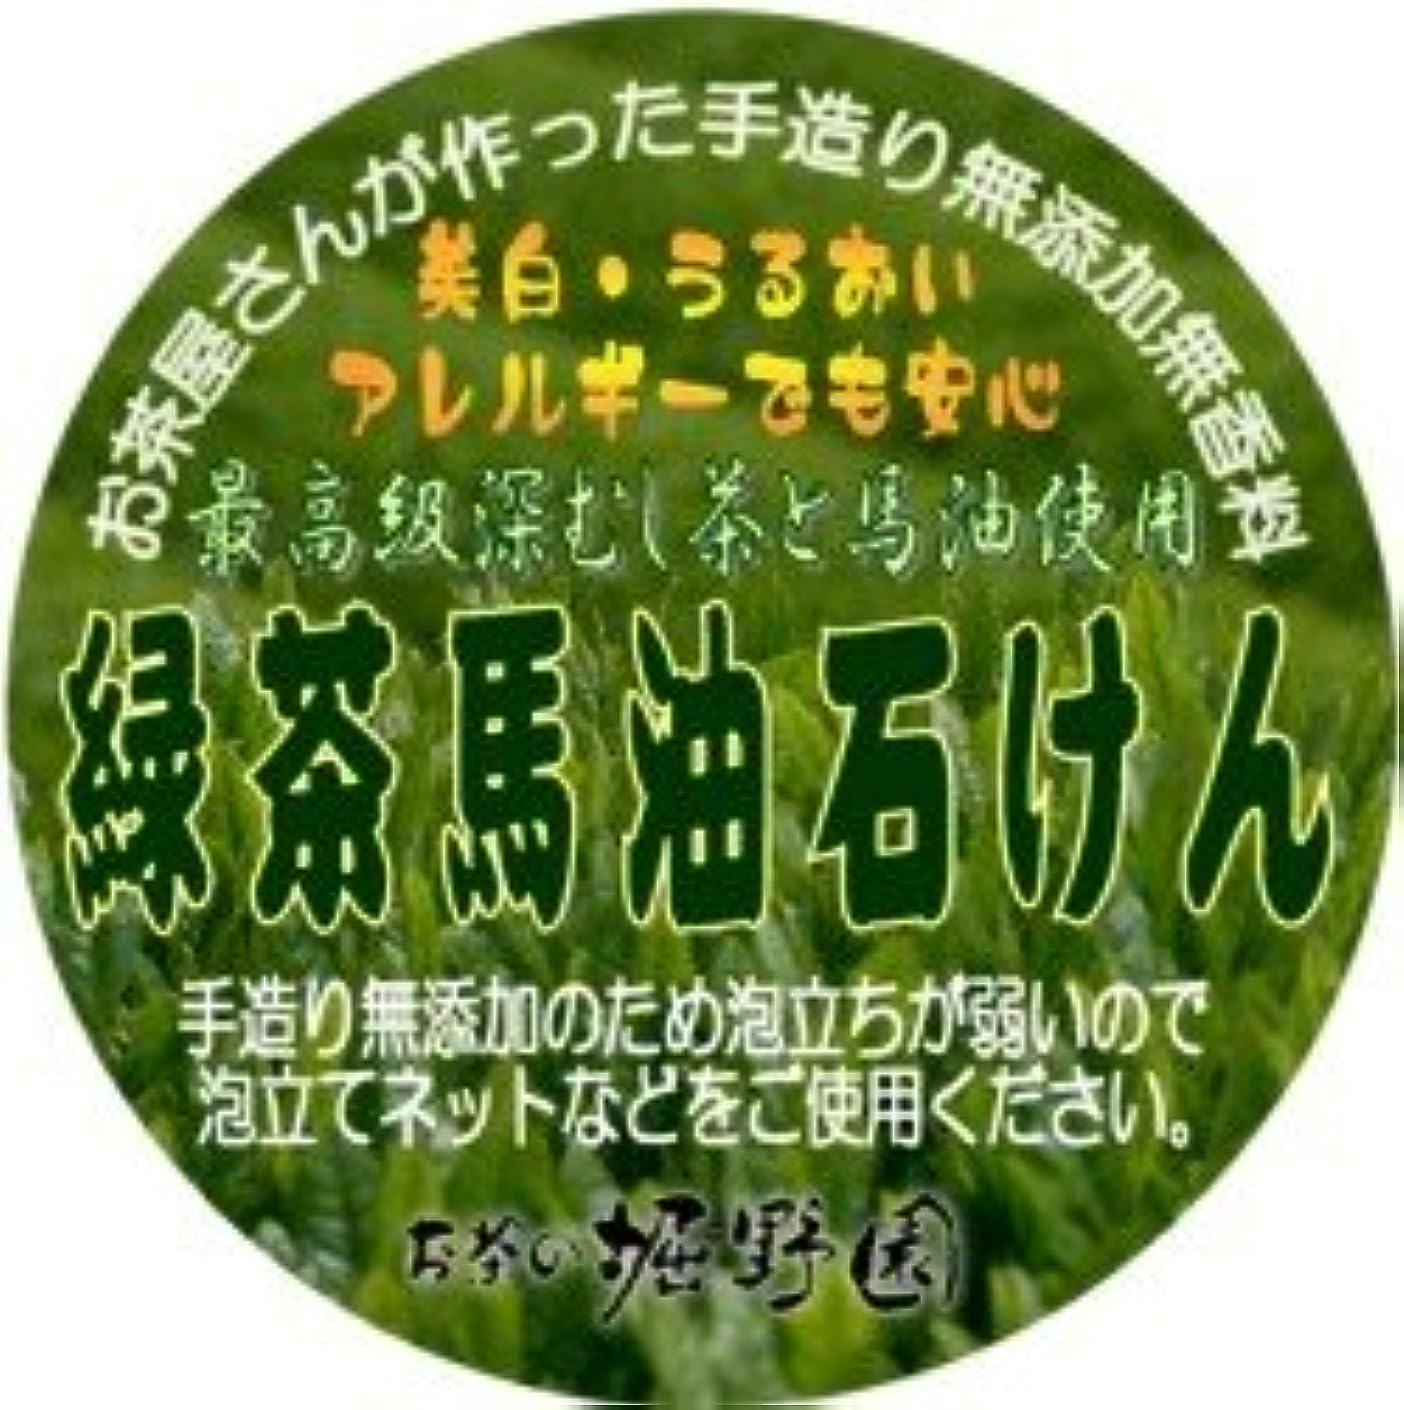 水族館頑固な知覚無添加無着色 緑茶馬油石けん(アトピー?弱肌の方のご愛用が非常に多い商品です)